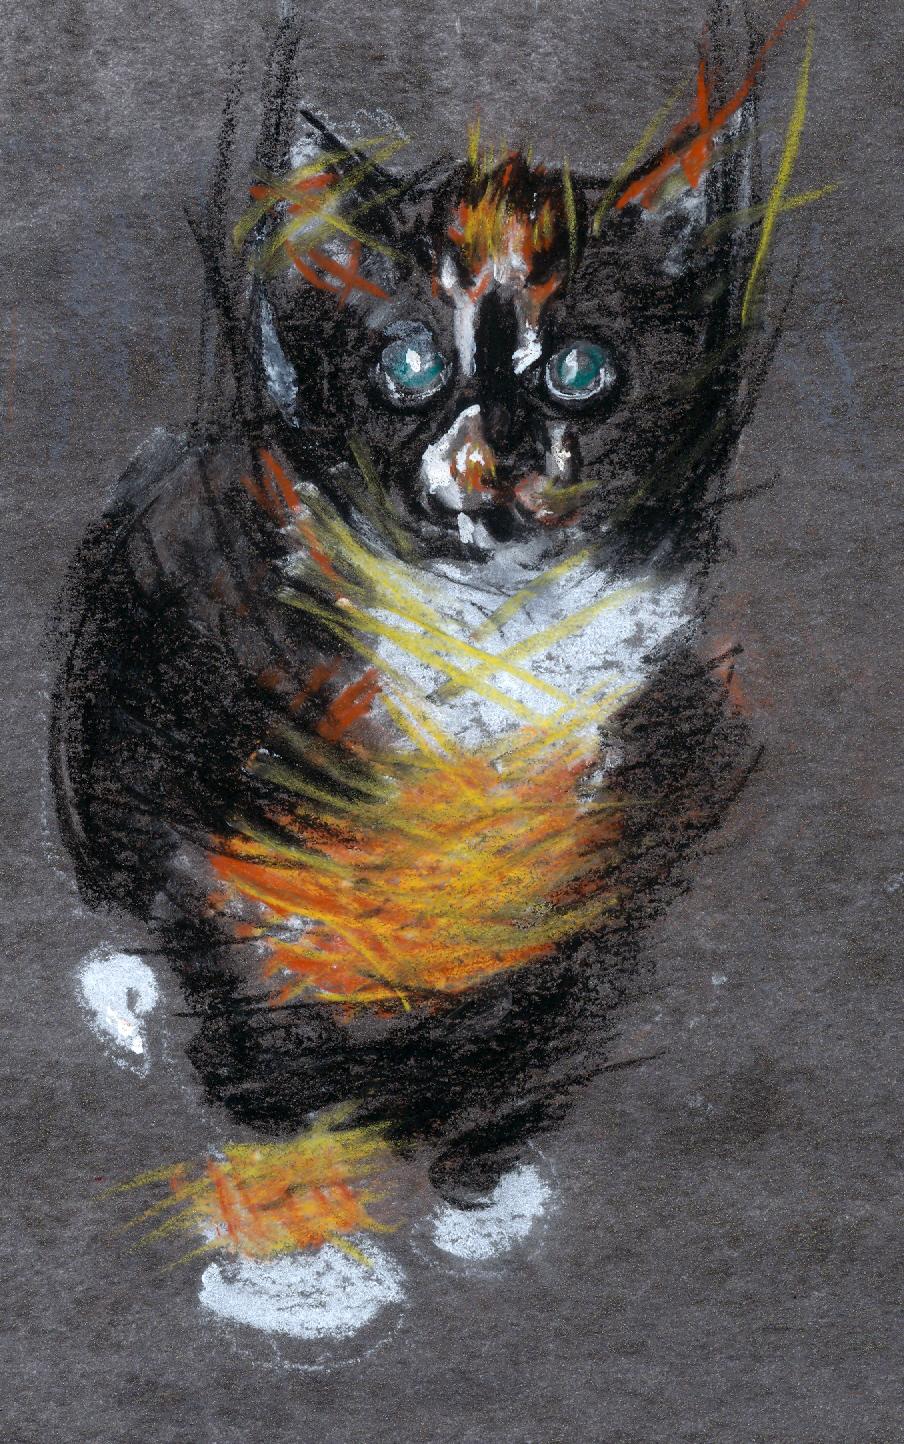 16 third kitten of the apocalypse